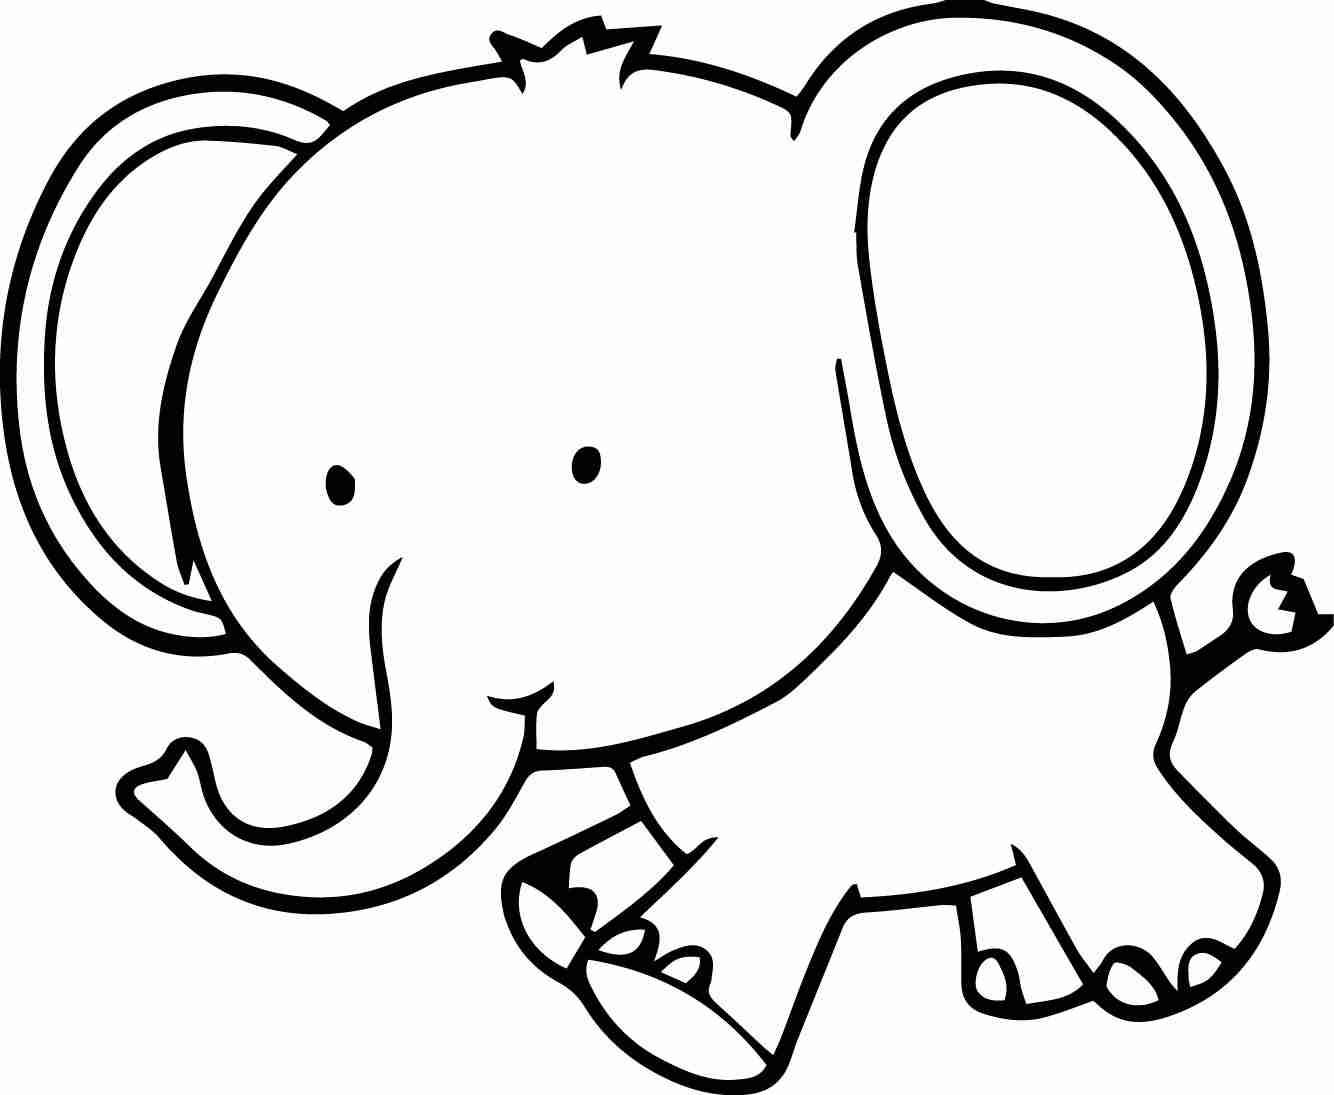 1334x1095 Free Printable Elephant Coloring Pages For Kids Inside Olegratiy